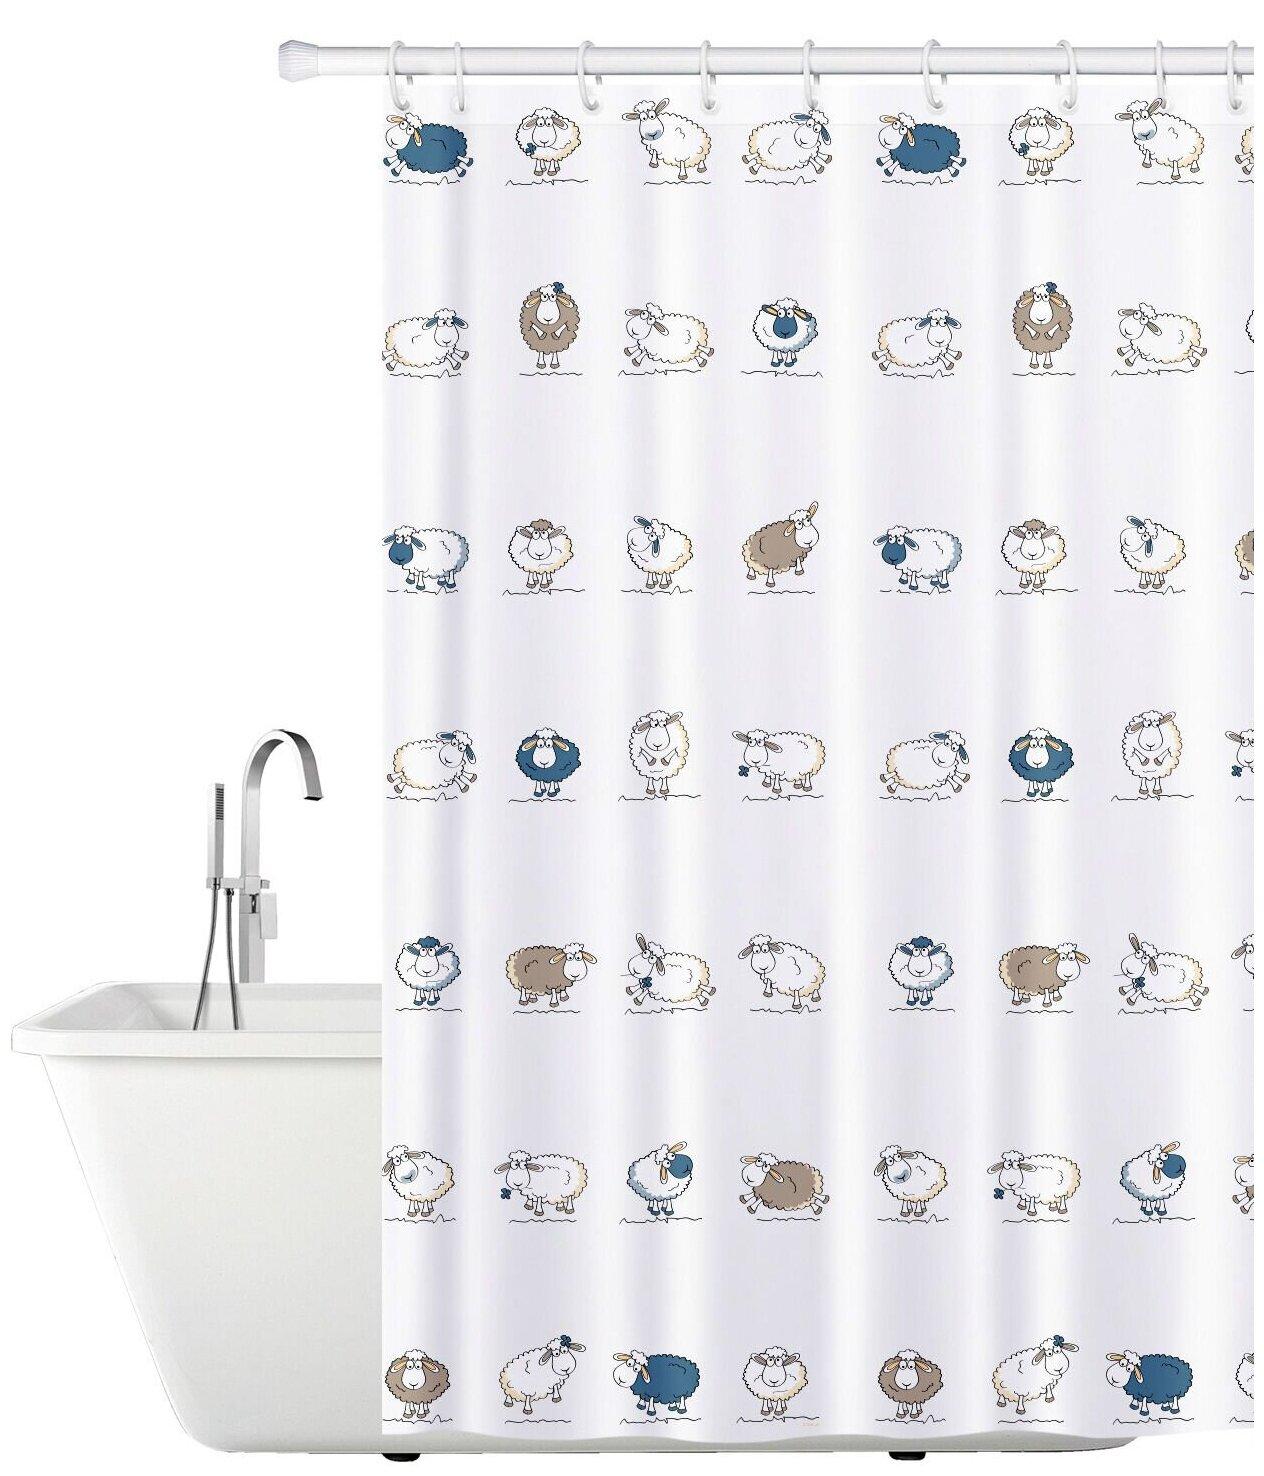 Штора для ванной Tatkraft Funny Sheep 180x180 — купить по выгодной цене на Яндекс.Маркете